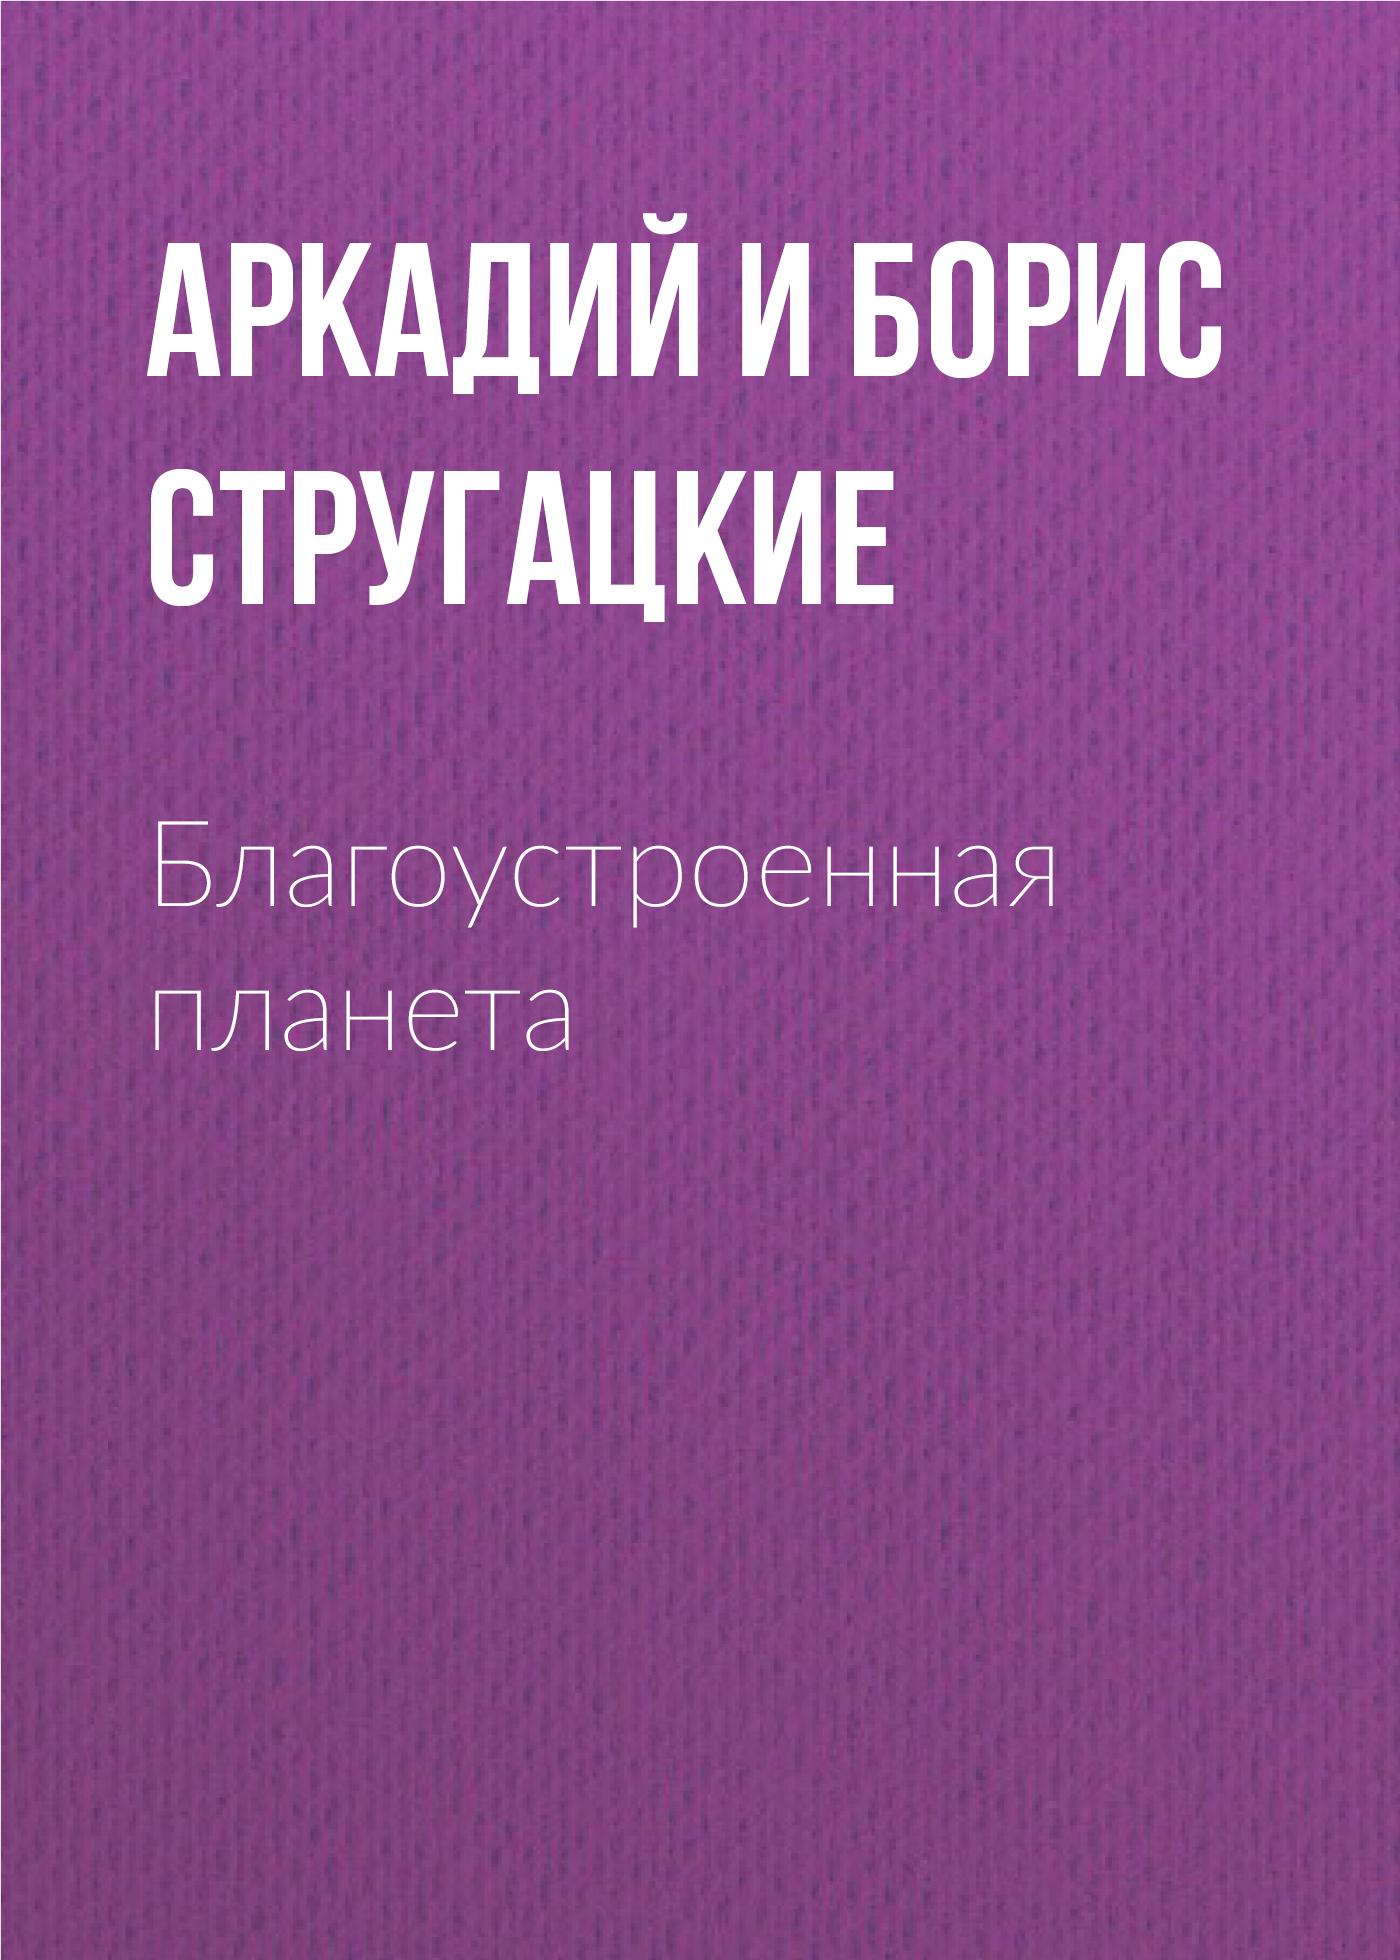 Аркадий и Борис Стругацкие Благоустроенная планета